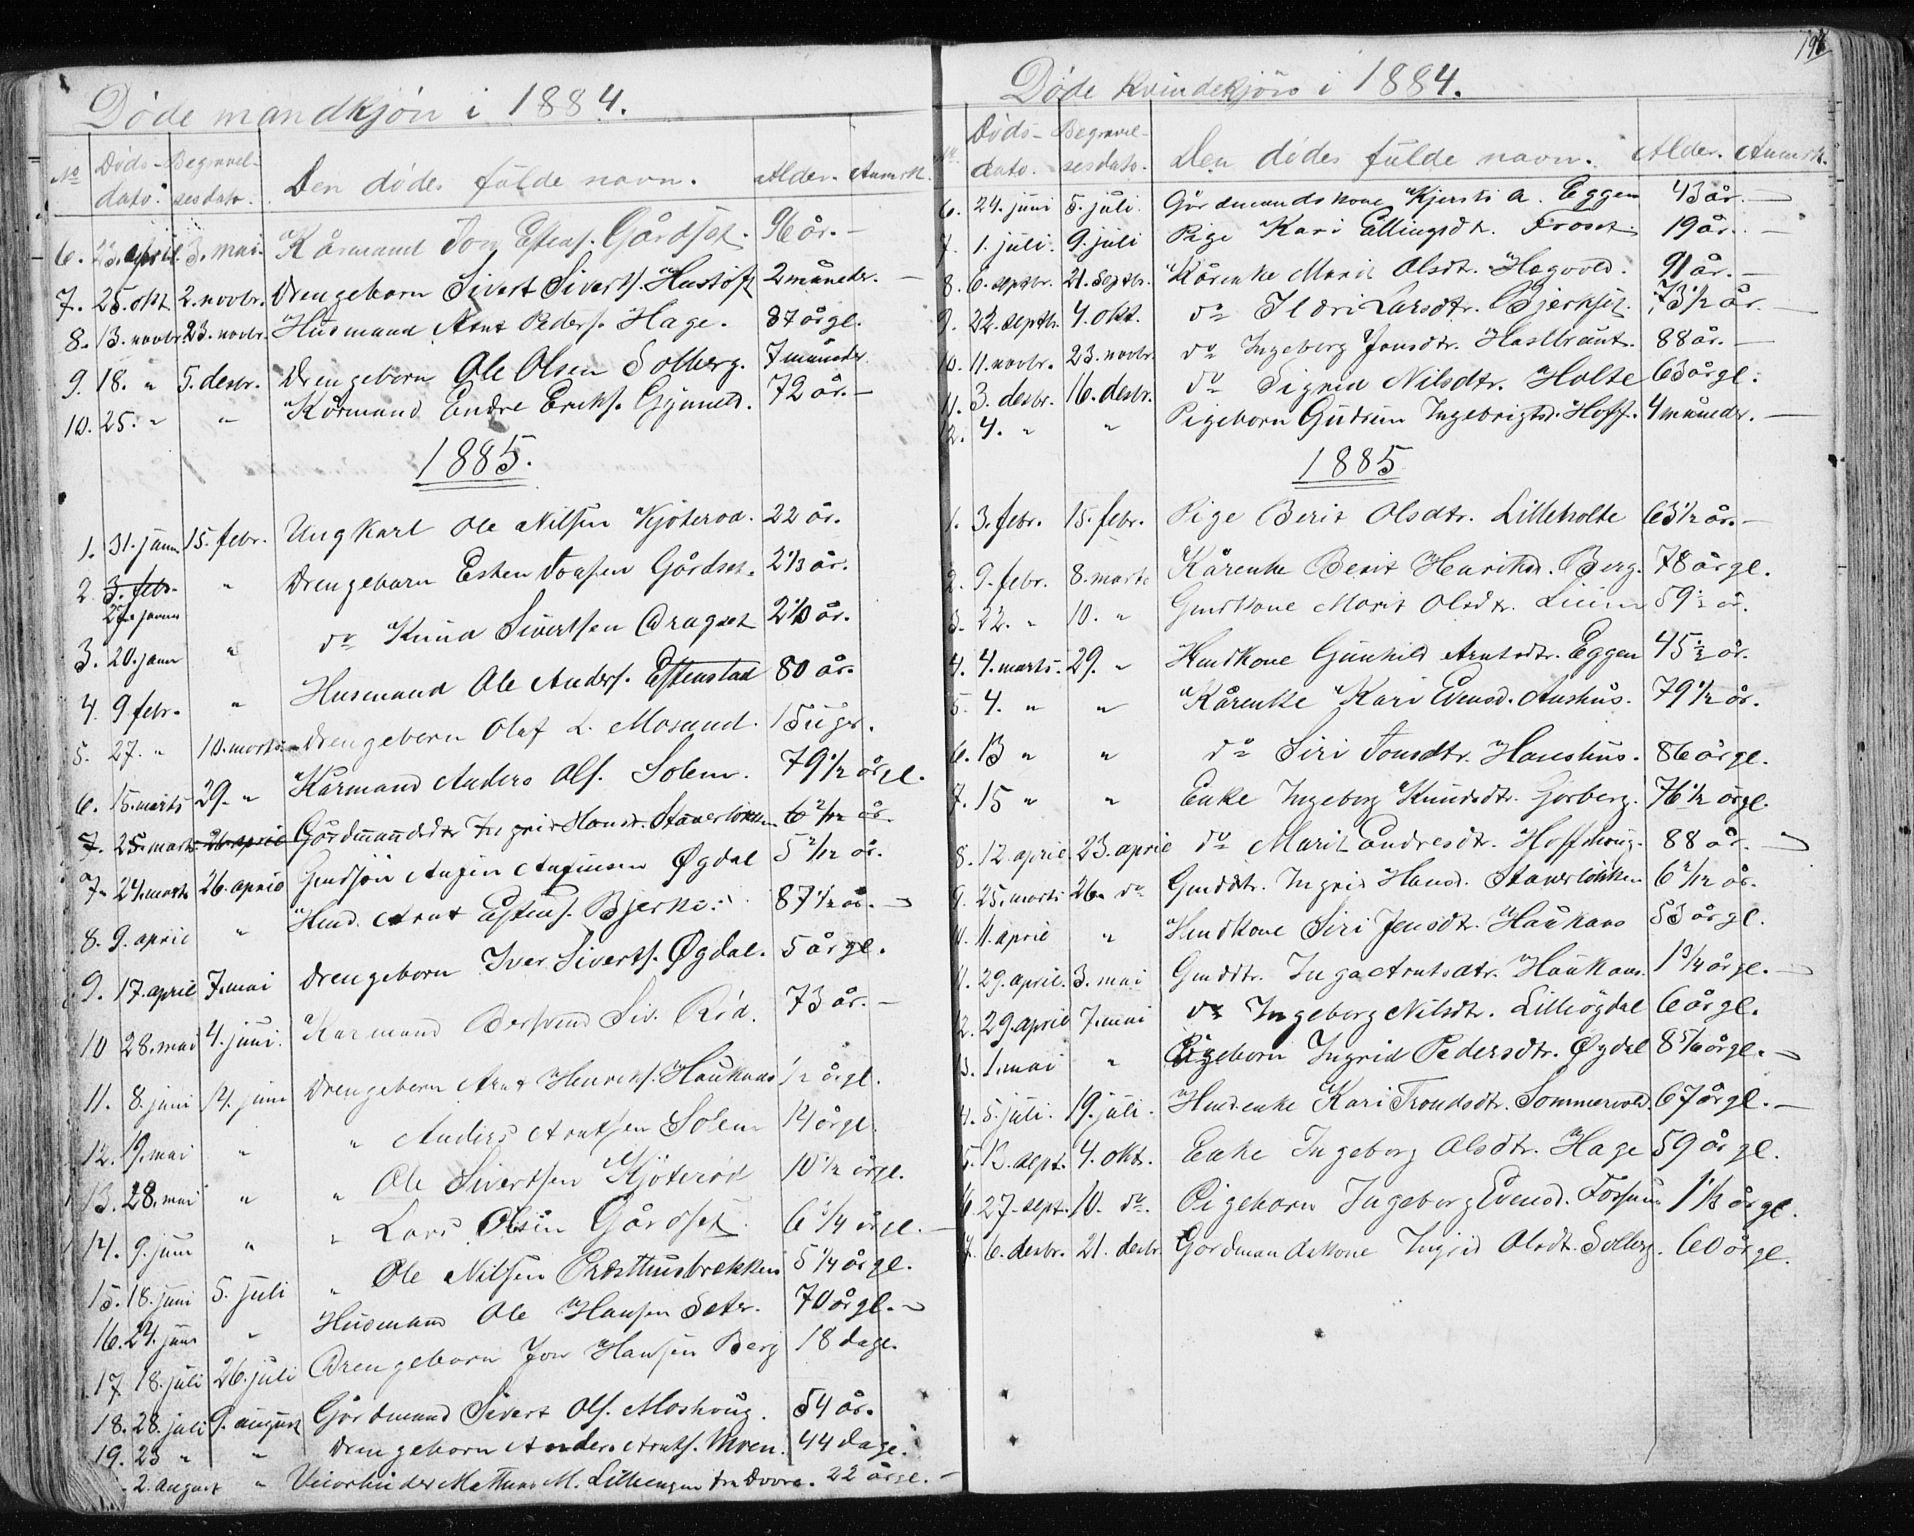 SAT, Ministerialprotokoller, klokkerbøker og fødselsregistre - Sør-Trøndelag, 689/L1043: Klokkerbok nr. 689C02, 1816-1892, s. 194